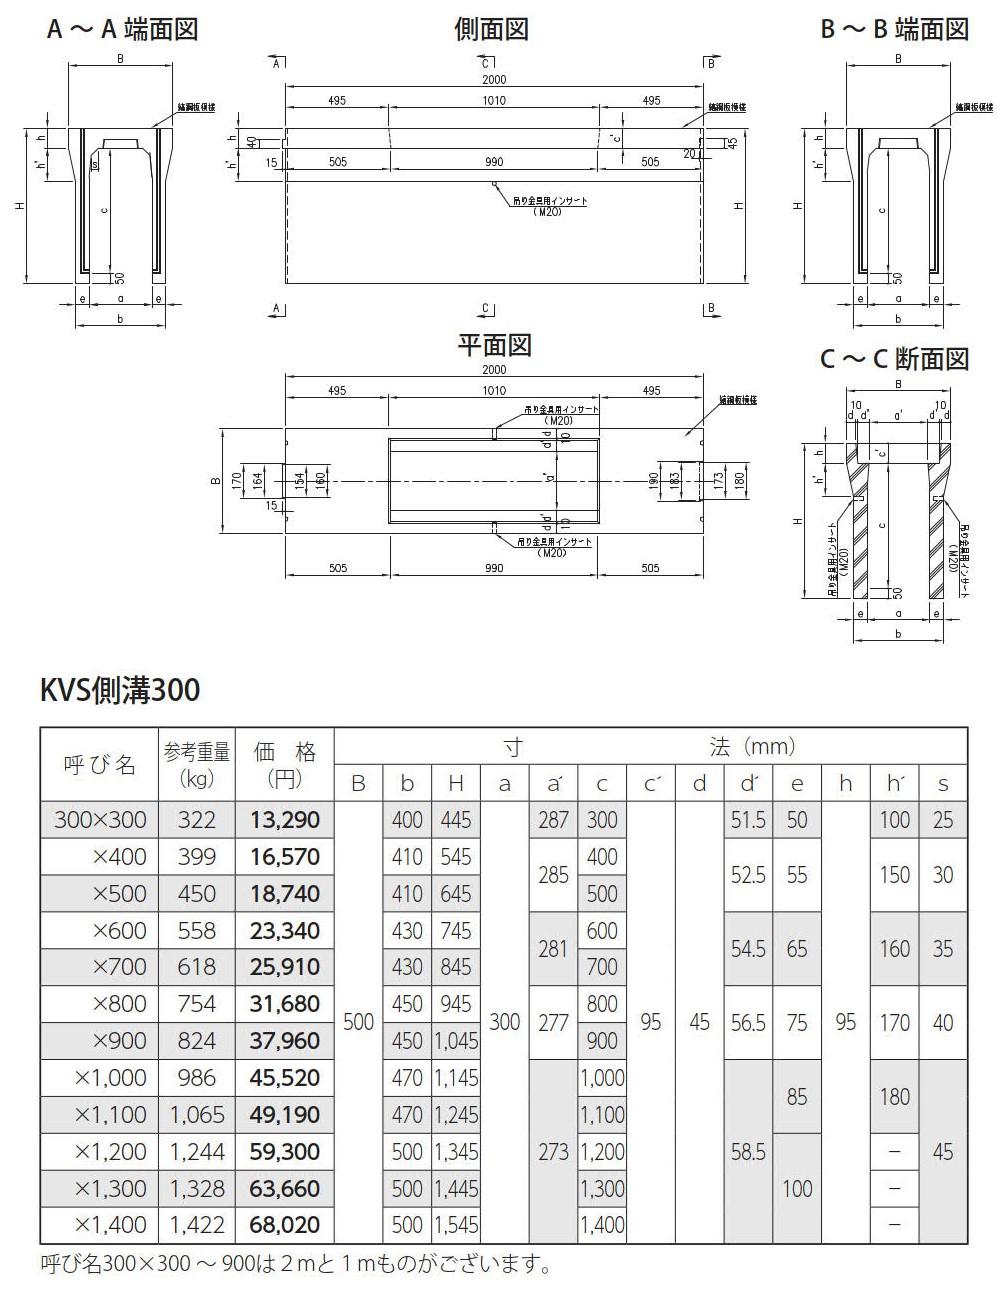 オリジナル側溝|自由勾配側溝(KVS側溝)縦断 外形寸法 0